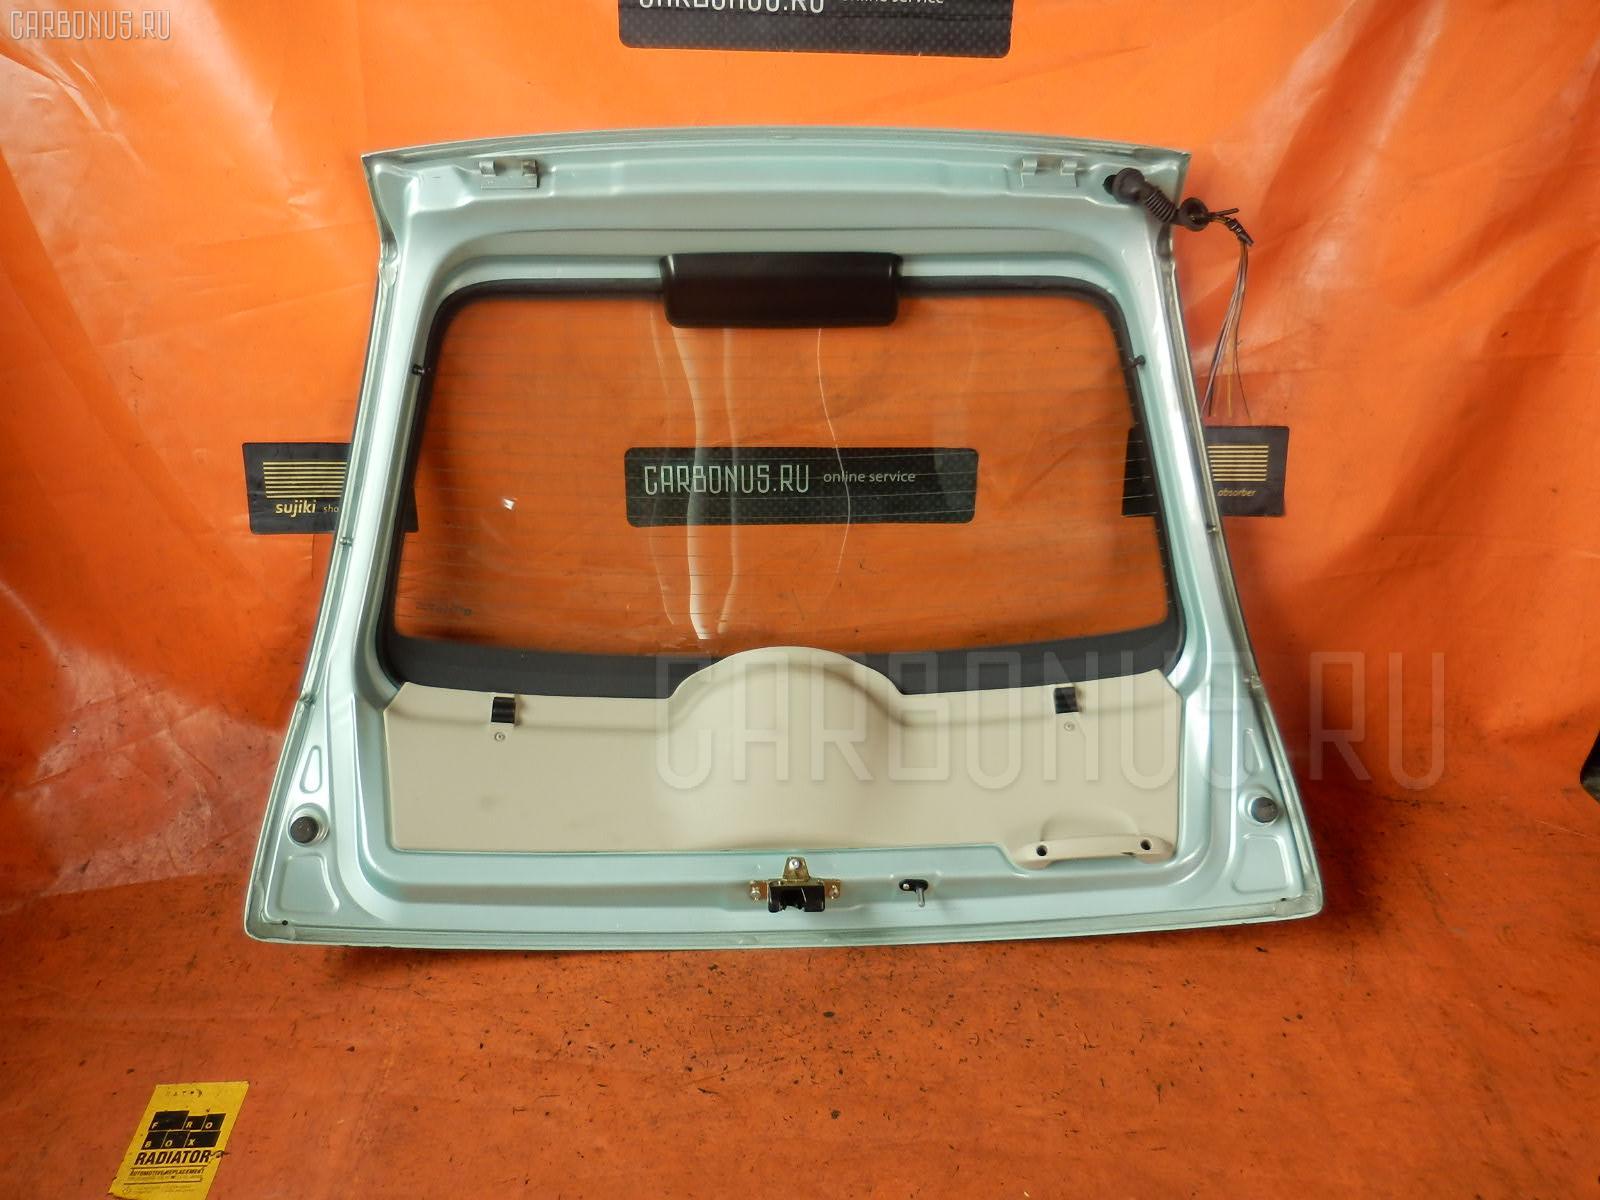 Дверь задняя 0126281, 0128419, 5162375 на Opel Corsa C F68 Фото 1